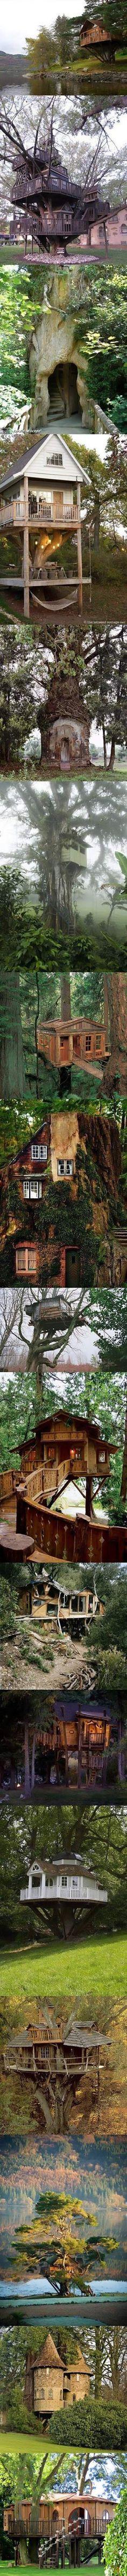 More amazing tree houses.